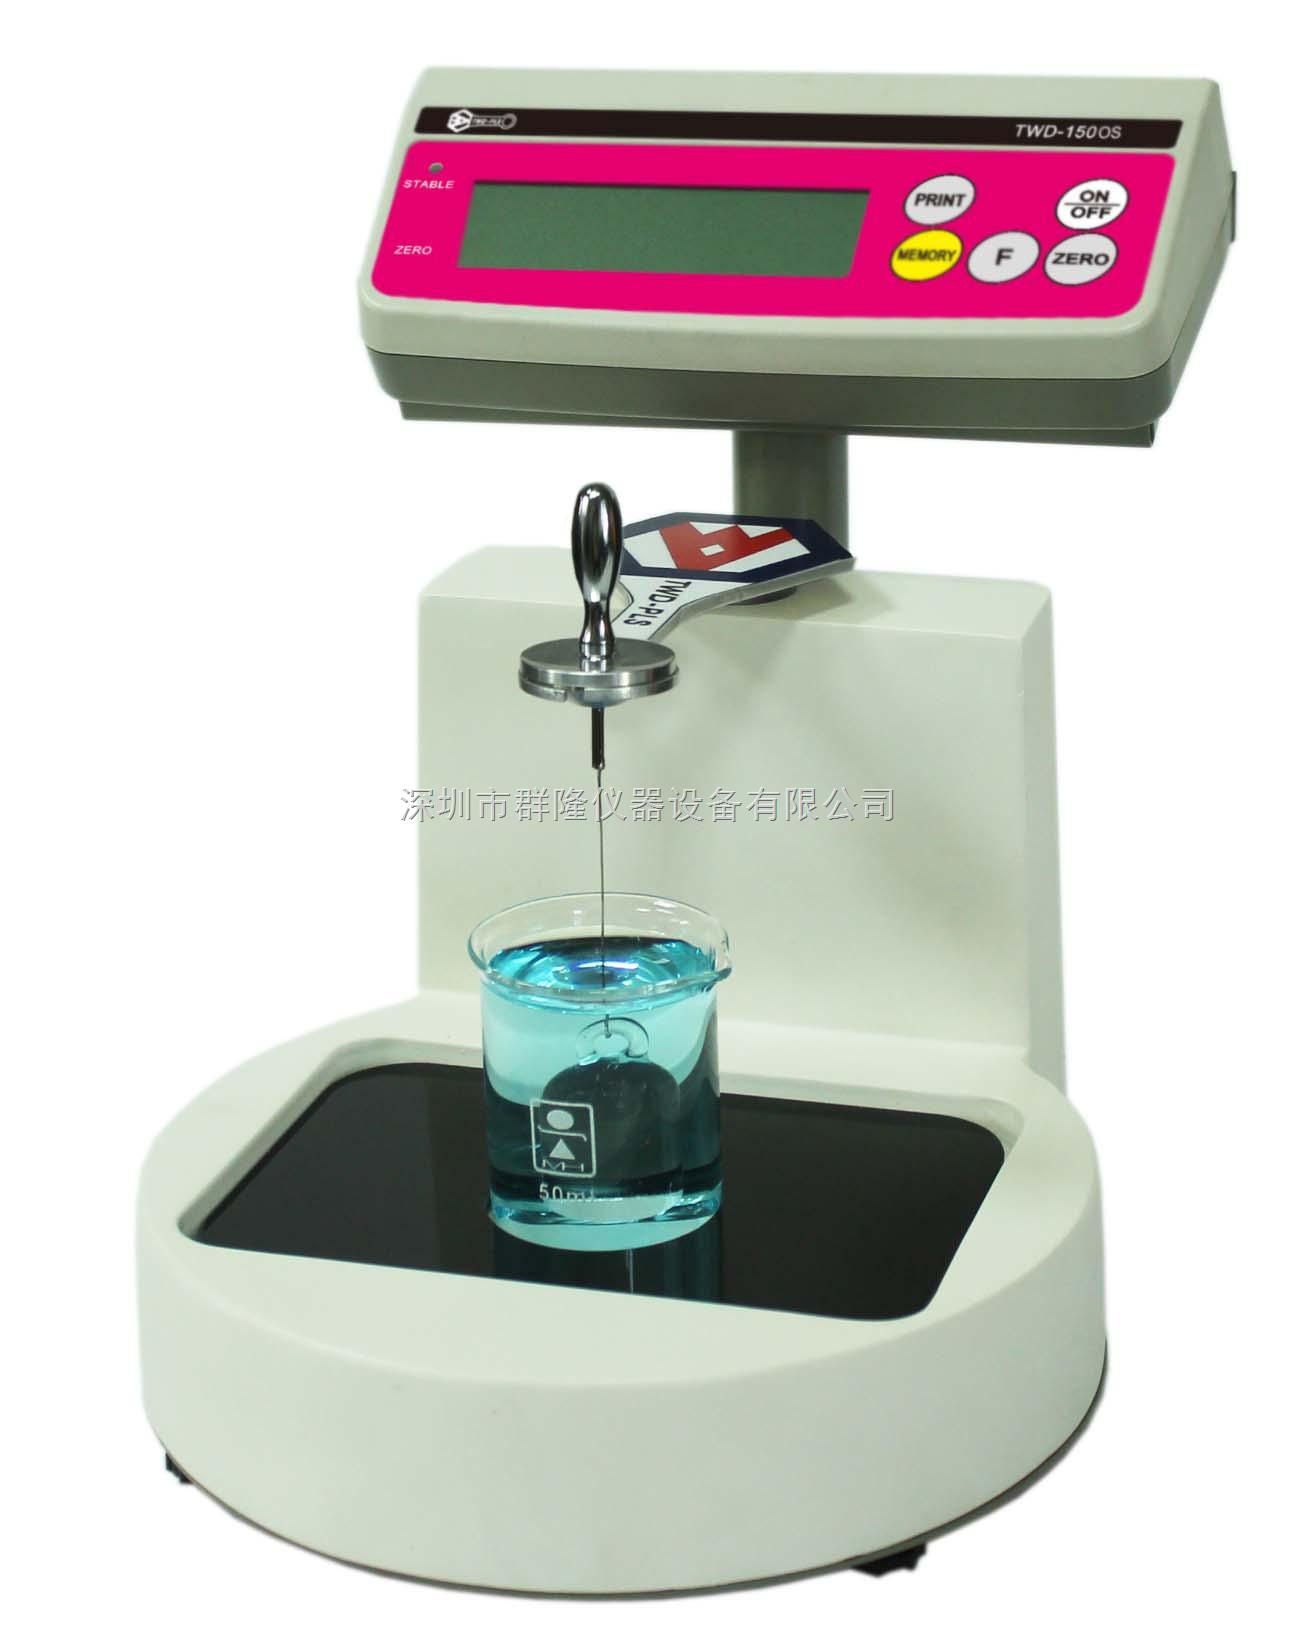 氧化剂溶液比重、波美、浓度测试仪 MZ-150OS